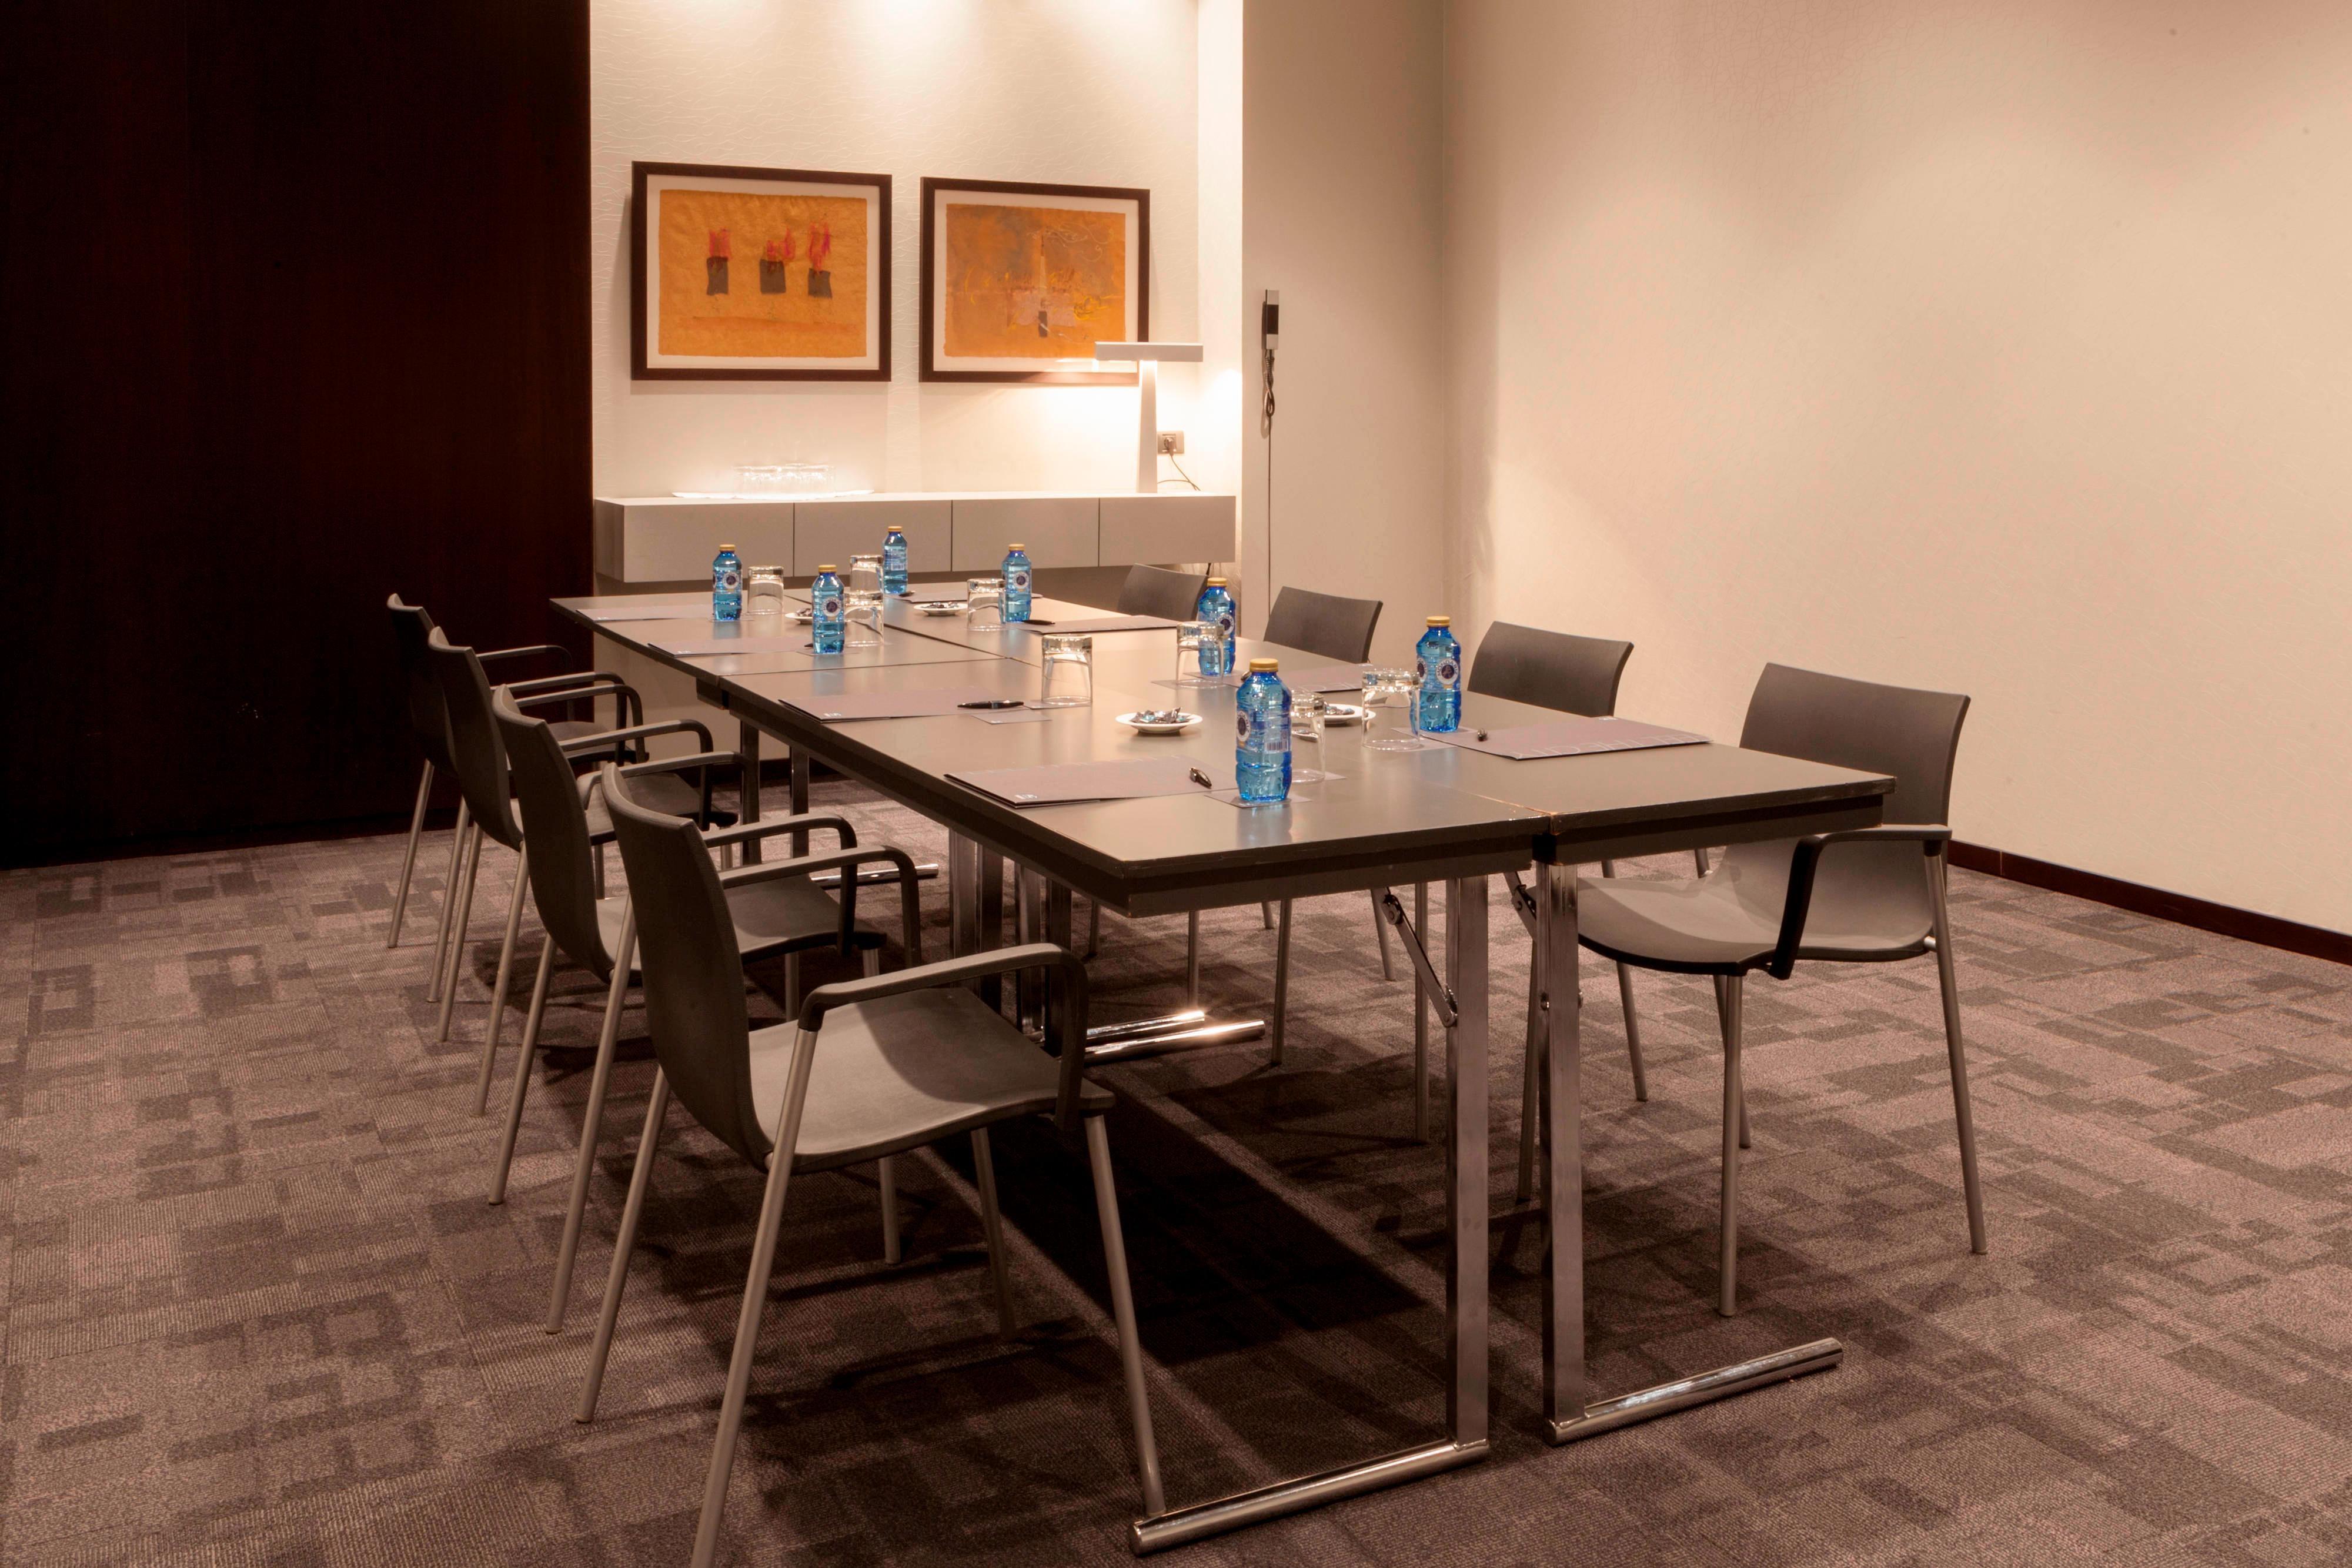 Consejo Meeting room in Coslada